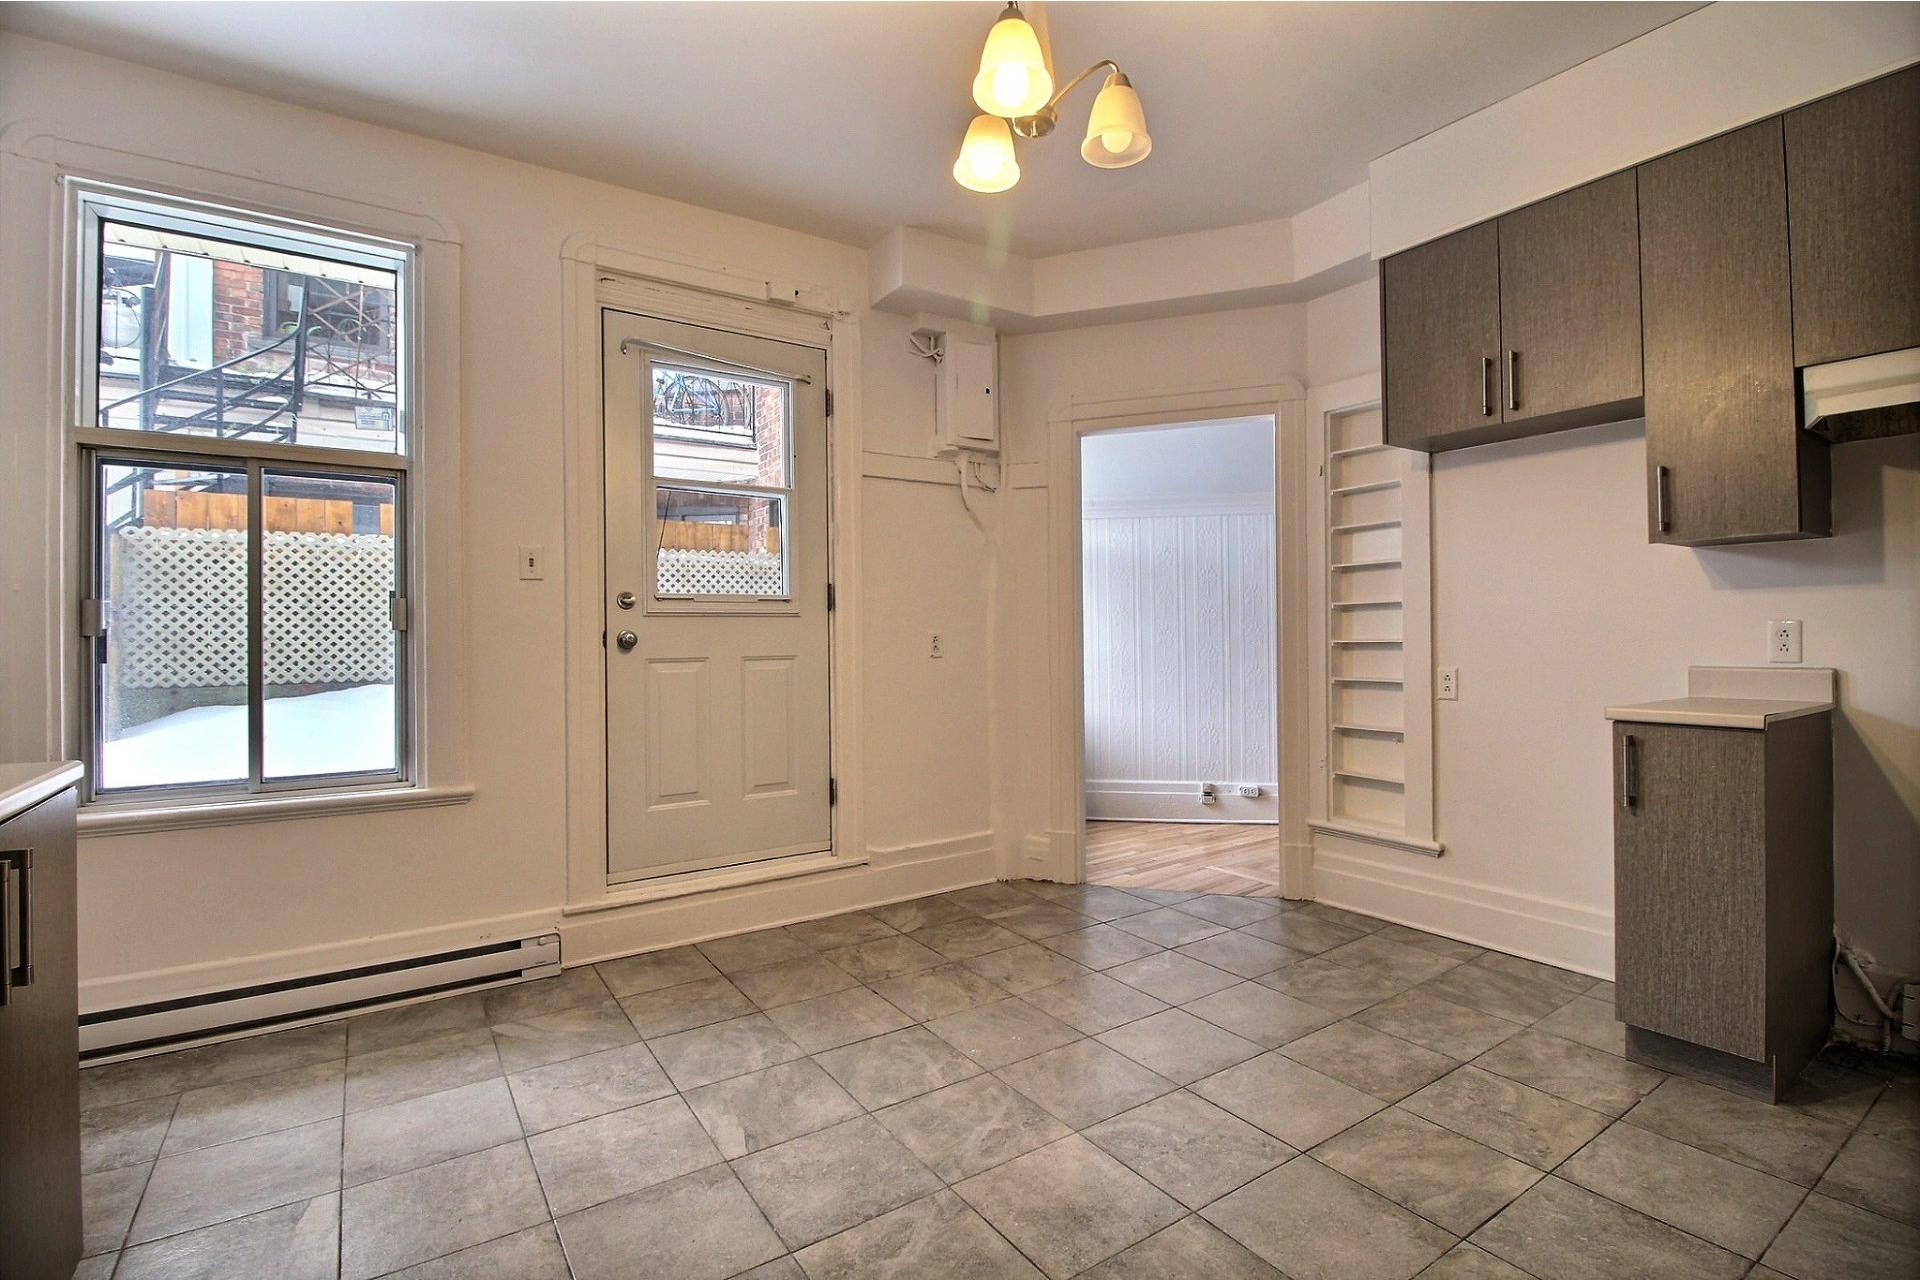 image 8 - Appartement À louer Rosemont/La Petite-Patrie Montréal  - 8 pièces